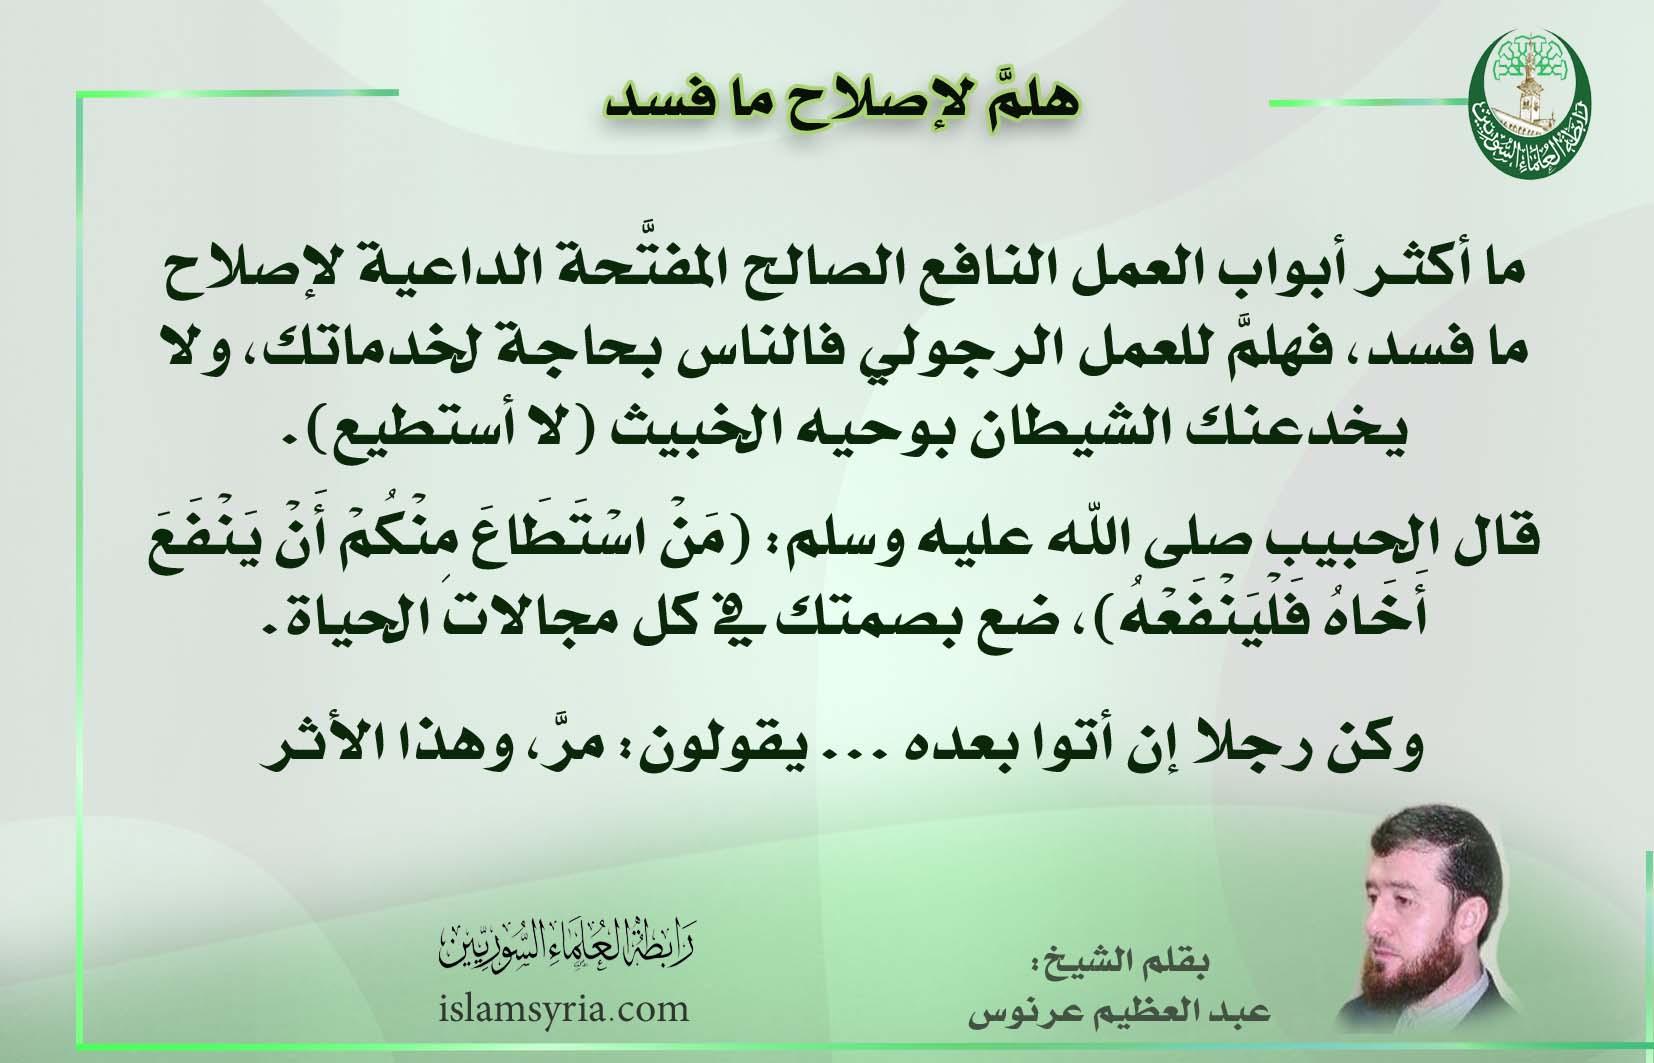 هلم لإصلاح ما فسد||الشيخ عبد العظيم عرنوس